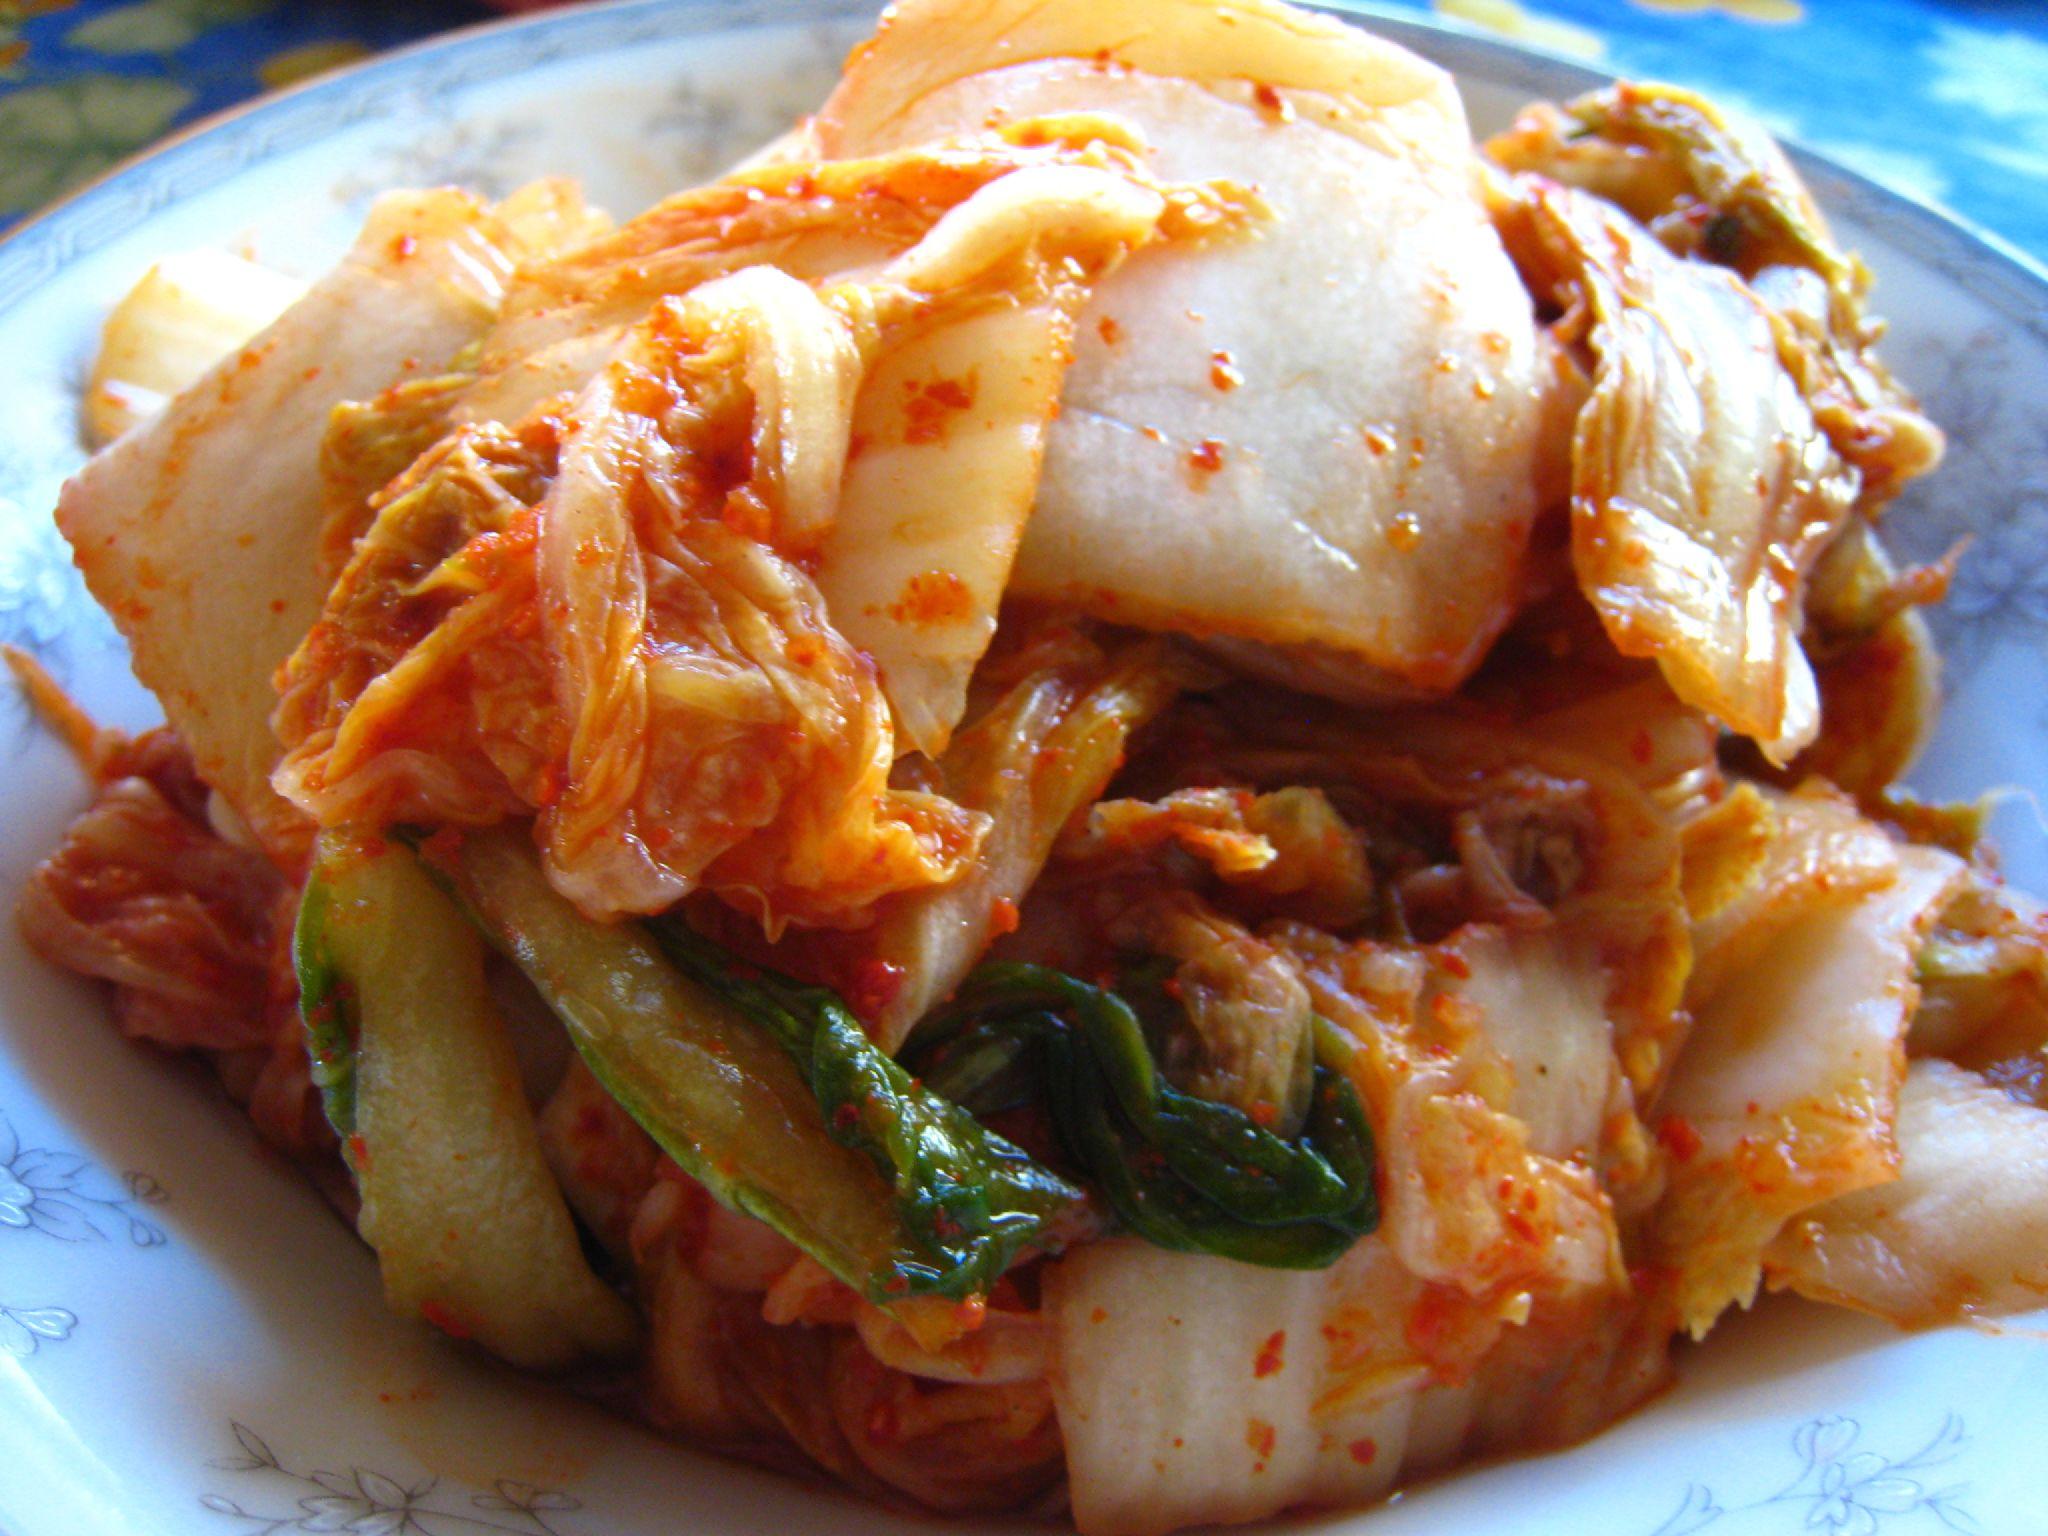 Korean National Food